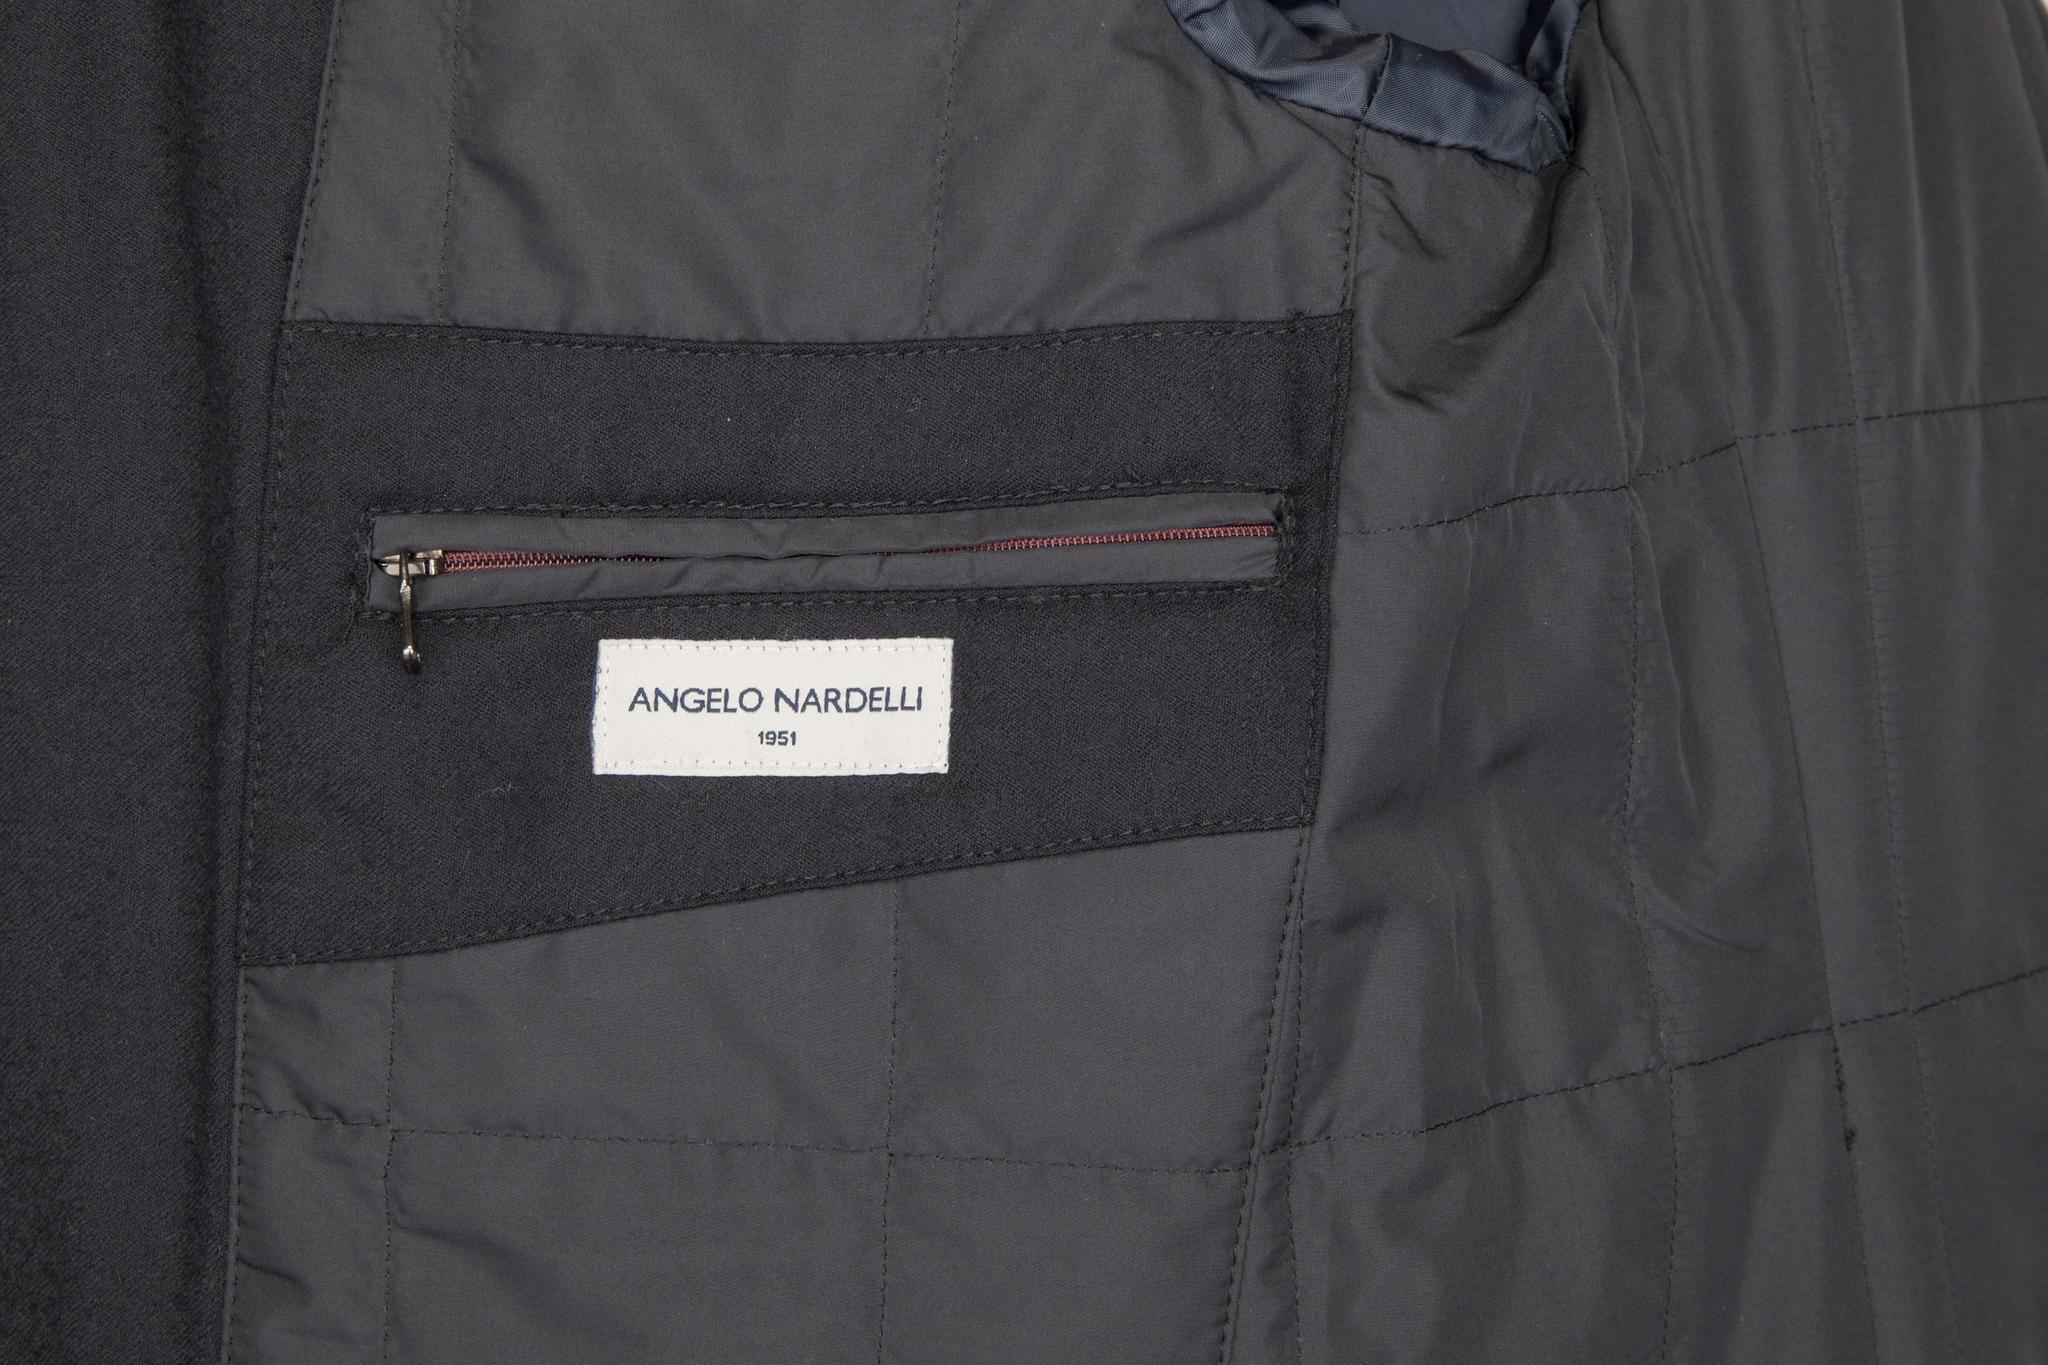 Тёмно-синее пальто из хлопка с добавлением синтетики, внутренний карман